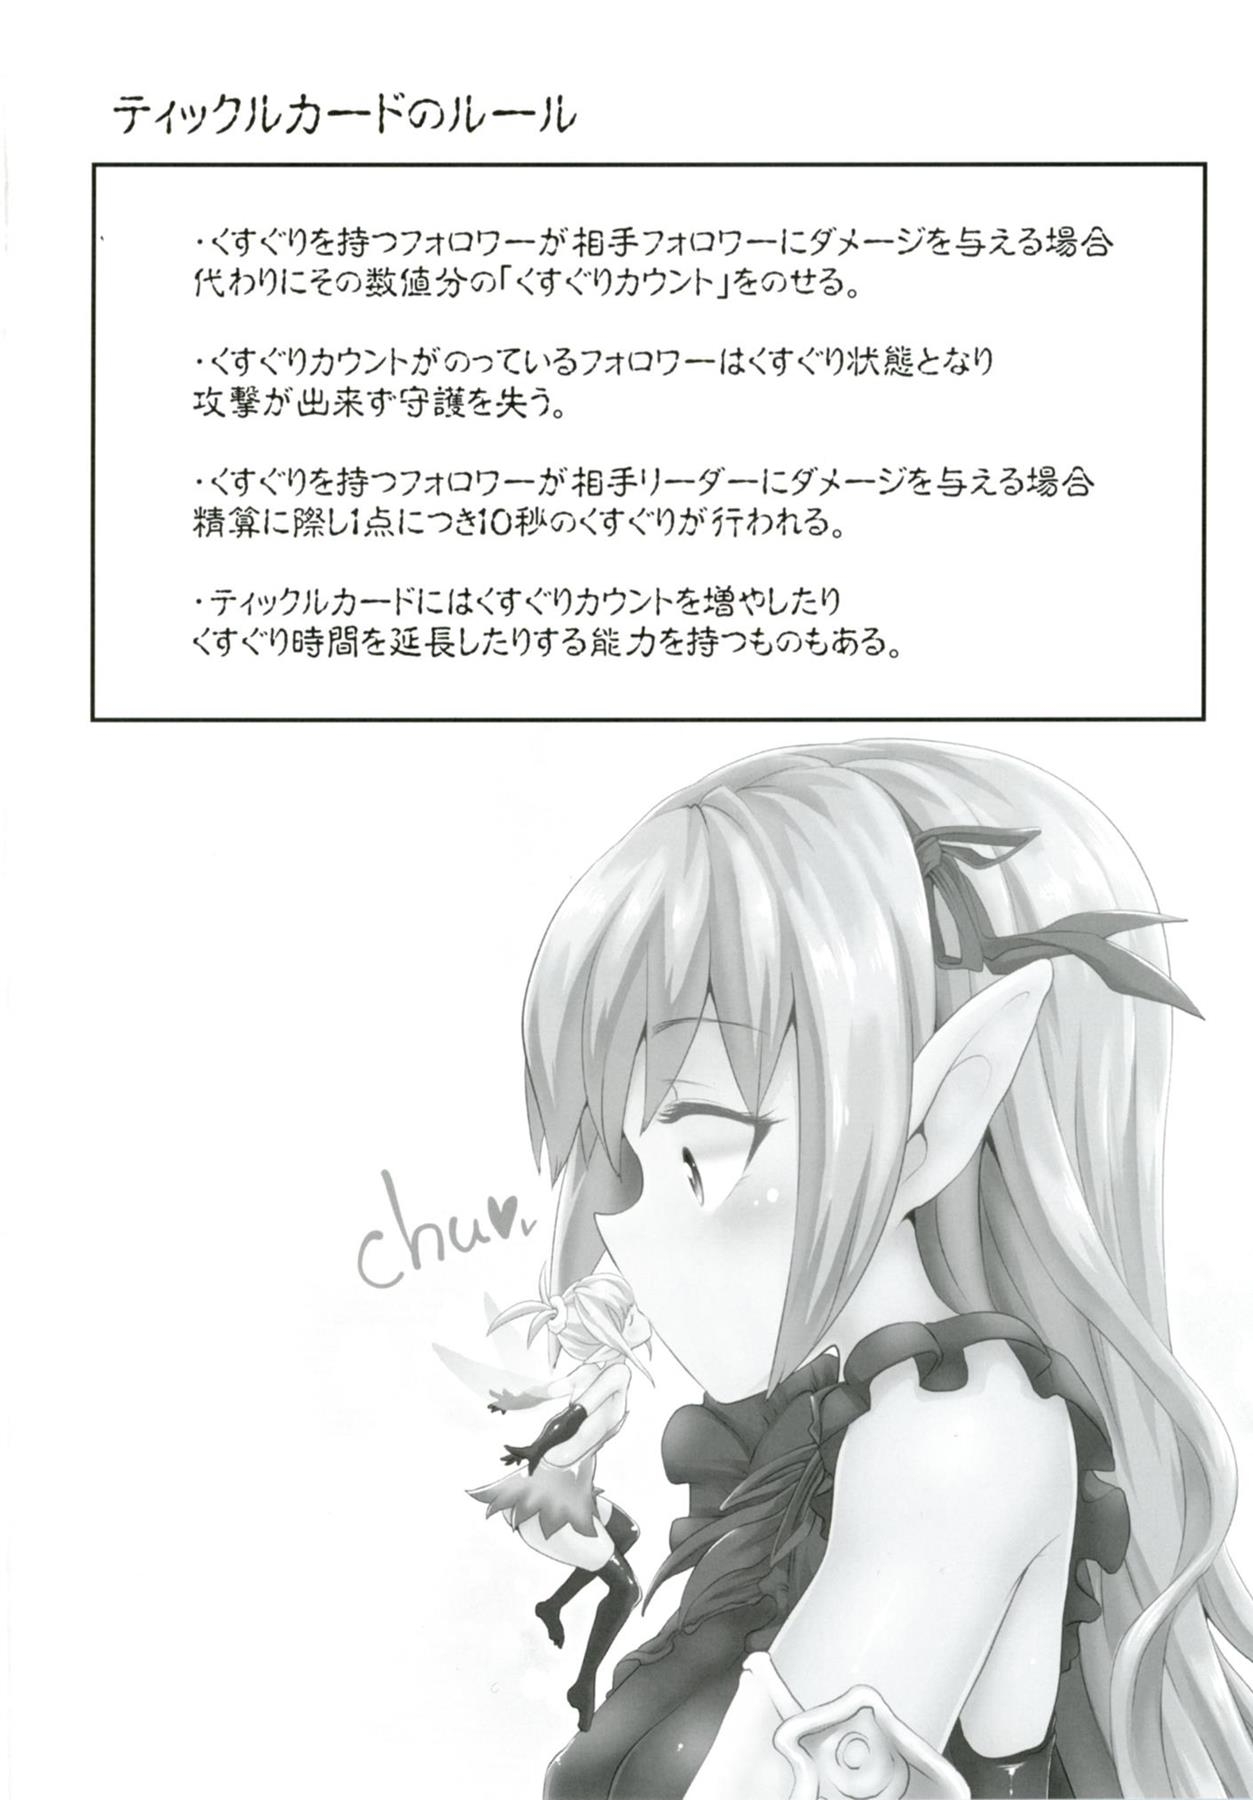 「アリサ」と遊びたい「ルナ」は「アリサ」を笑顔にするダメージのかわりにくすぐりを与えるカードを出してきて…【シャドバ エロ漫画・エロ同人】 (3)